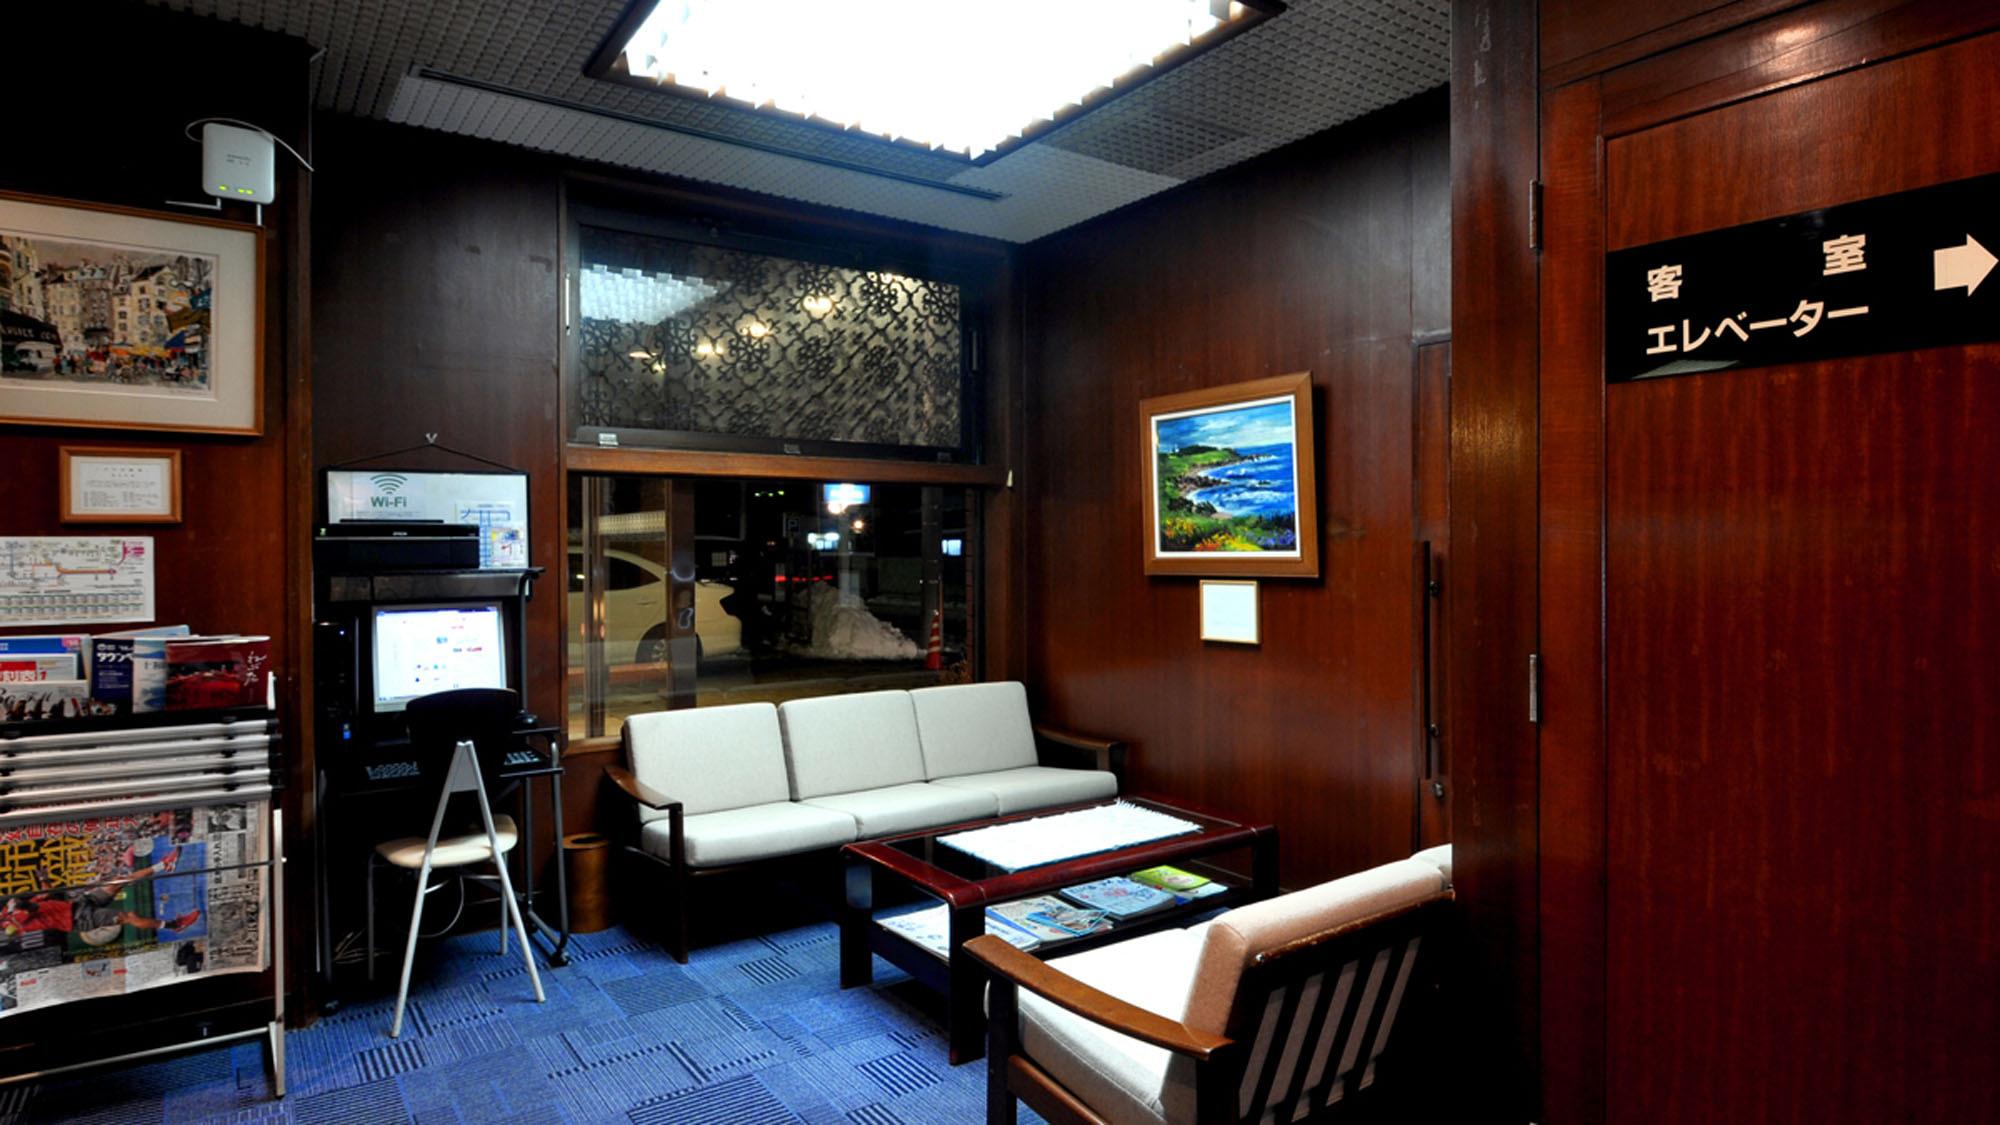 シティパークホテル八戸 image